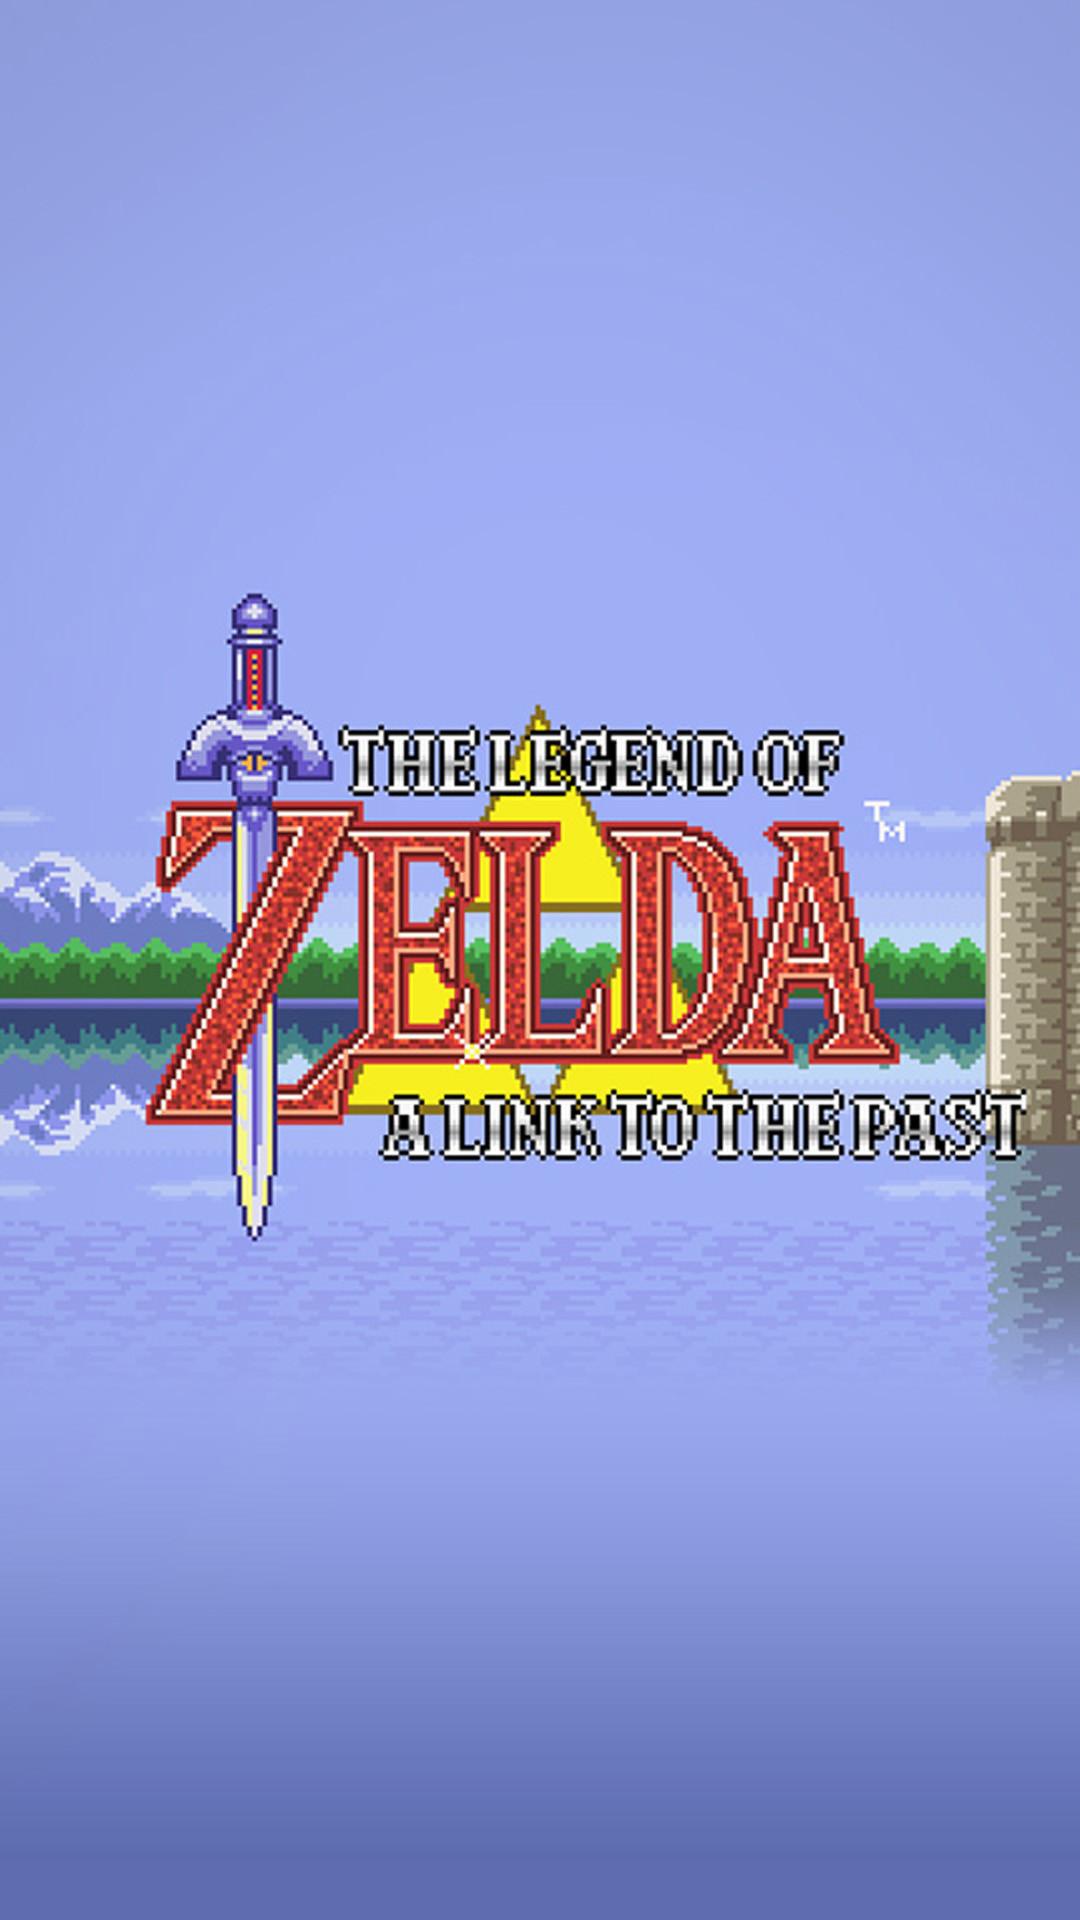 Zelda logo Samsung Wallpapers · Zelda 02 Samsung Wallpapers